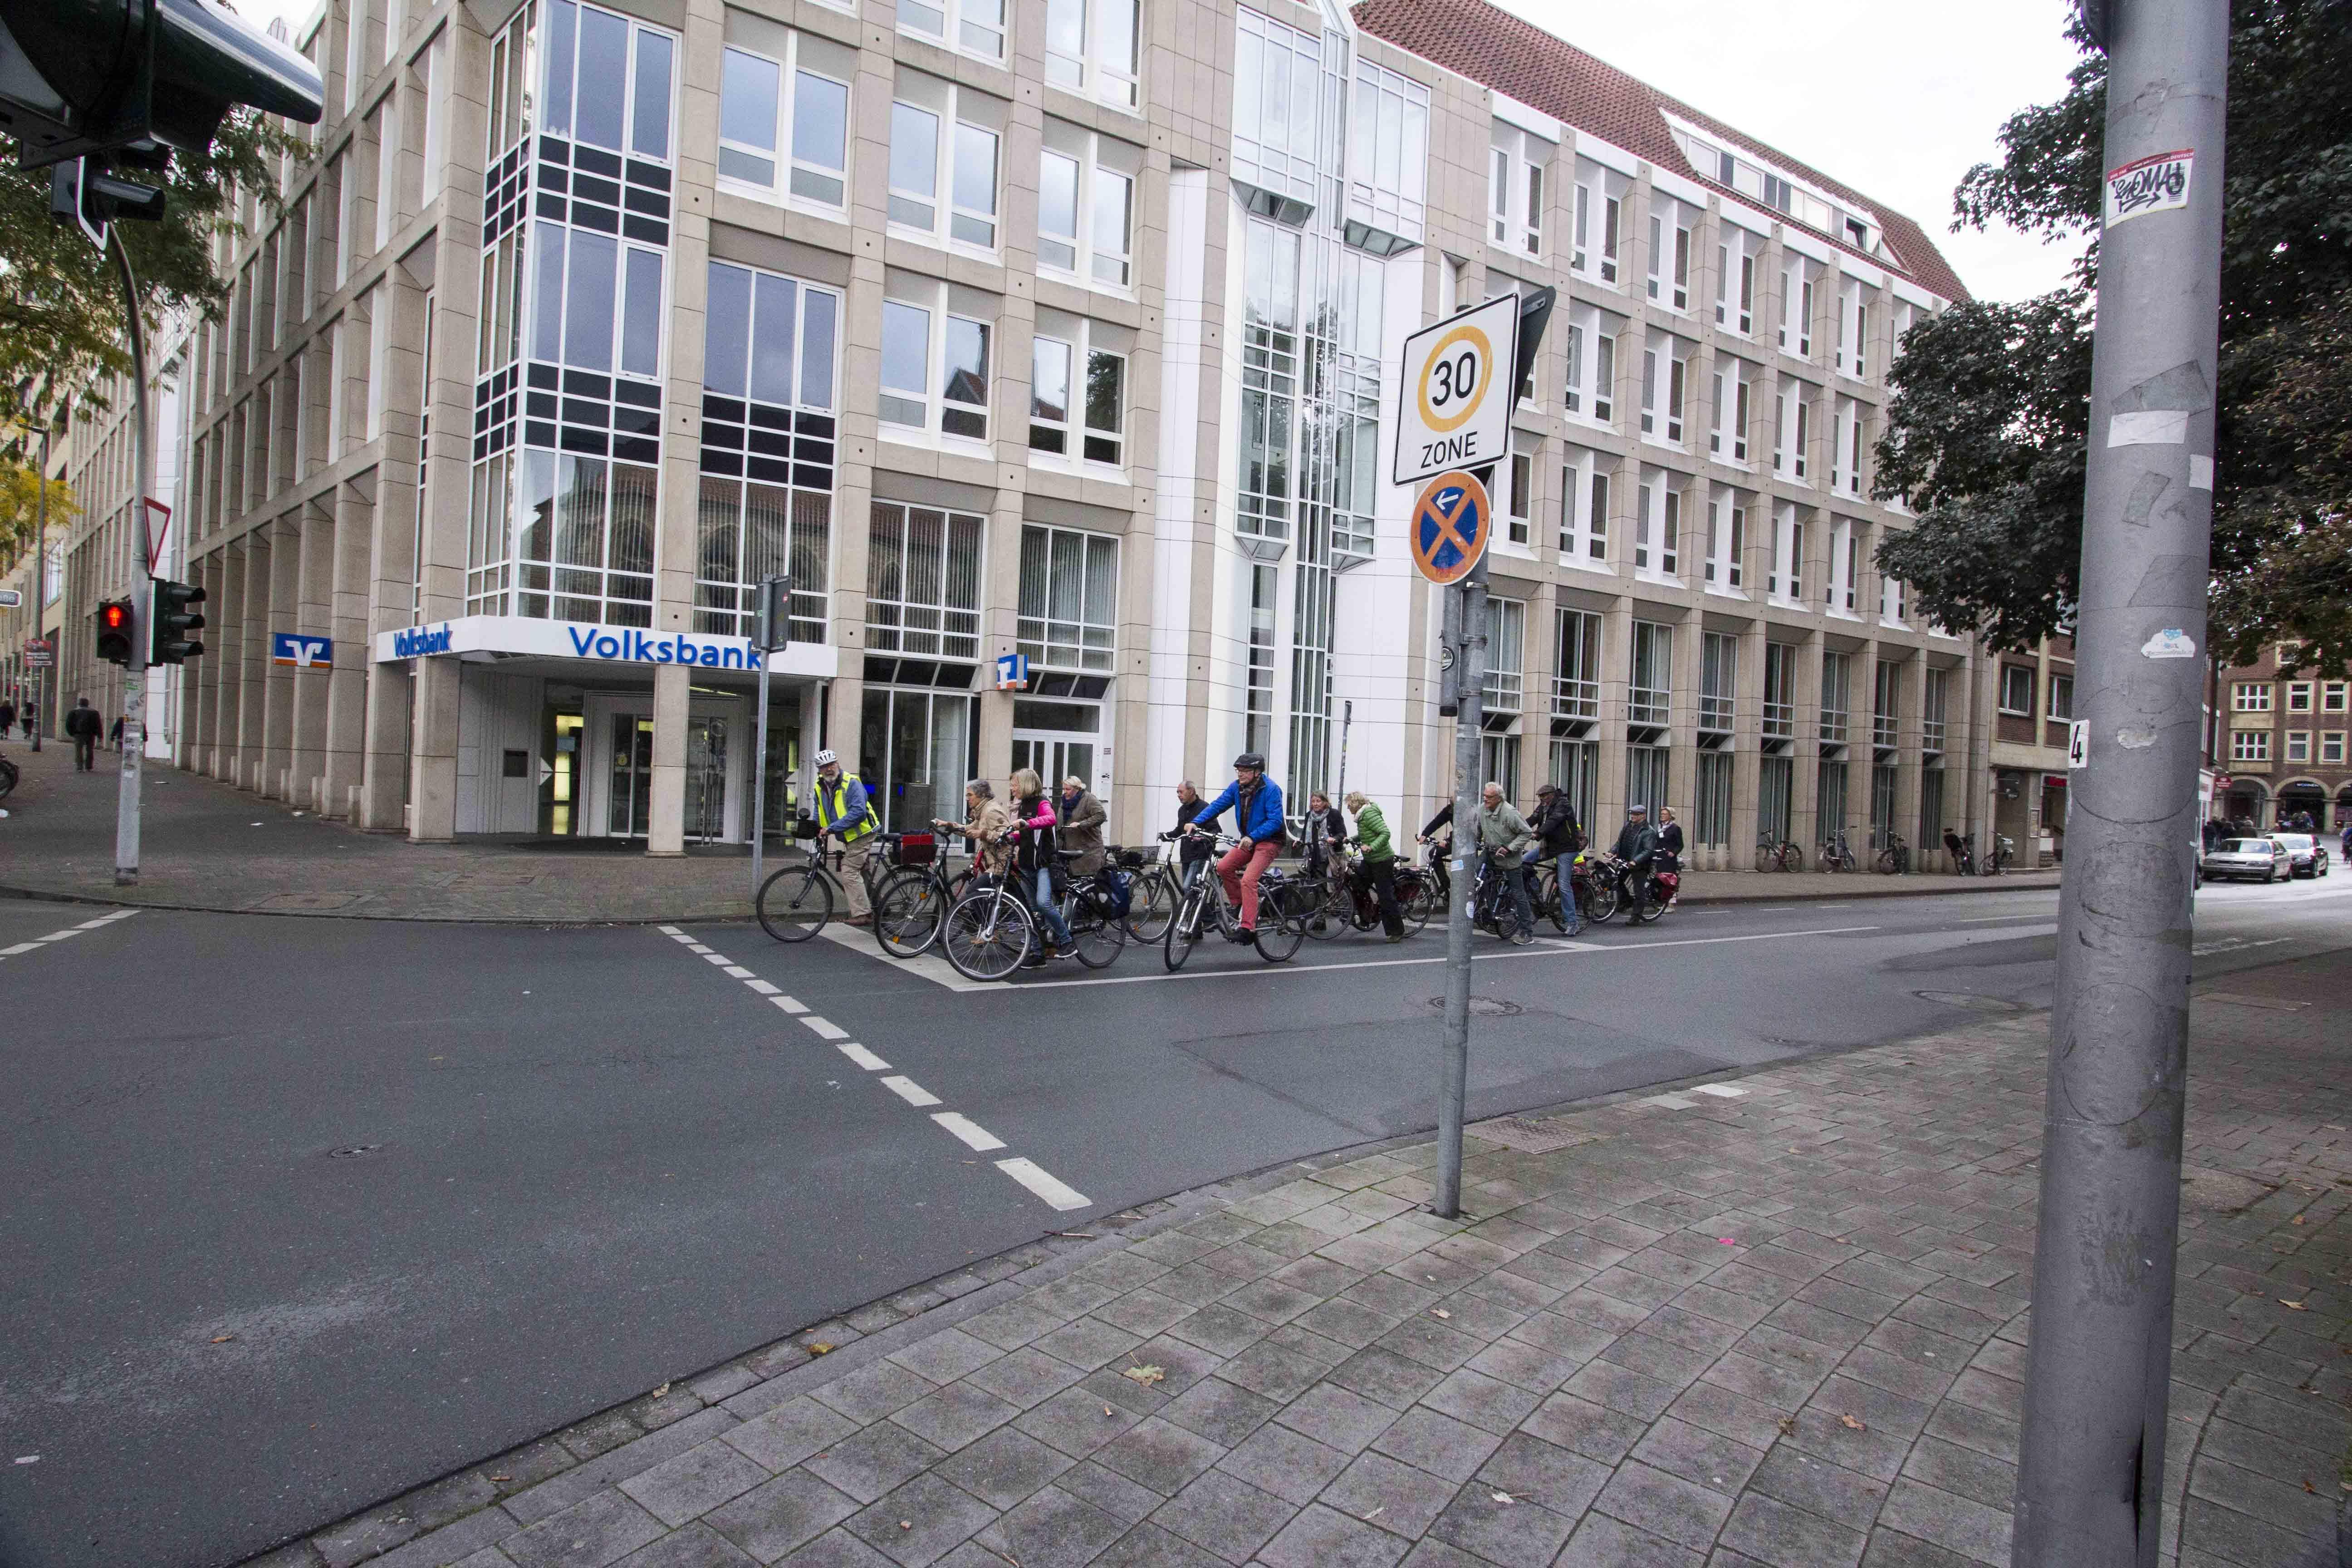 Fahrrad_13